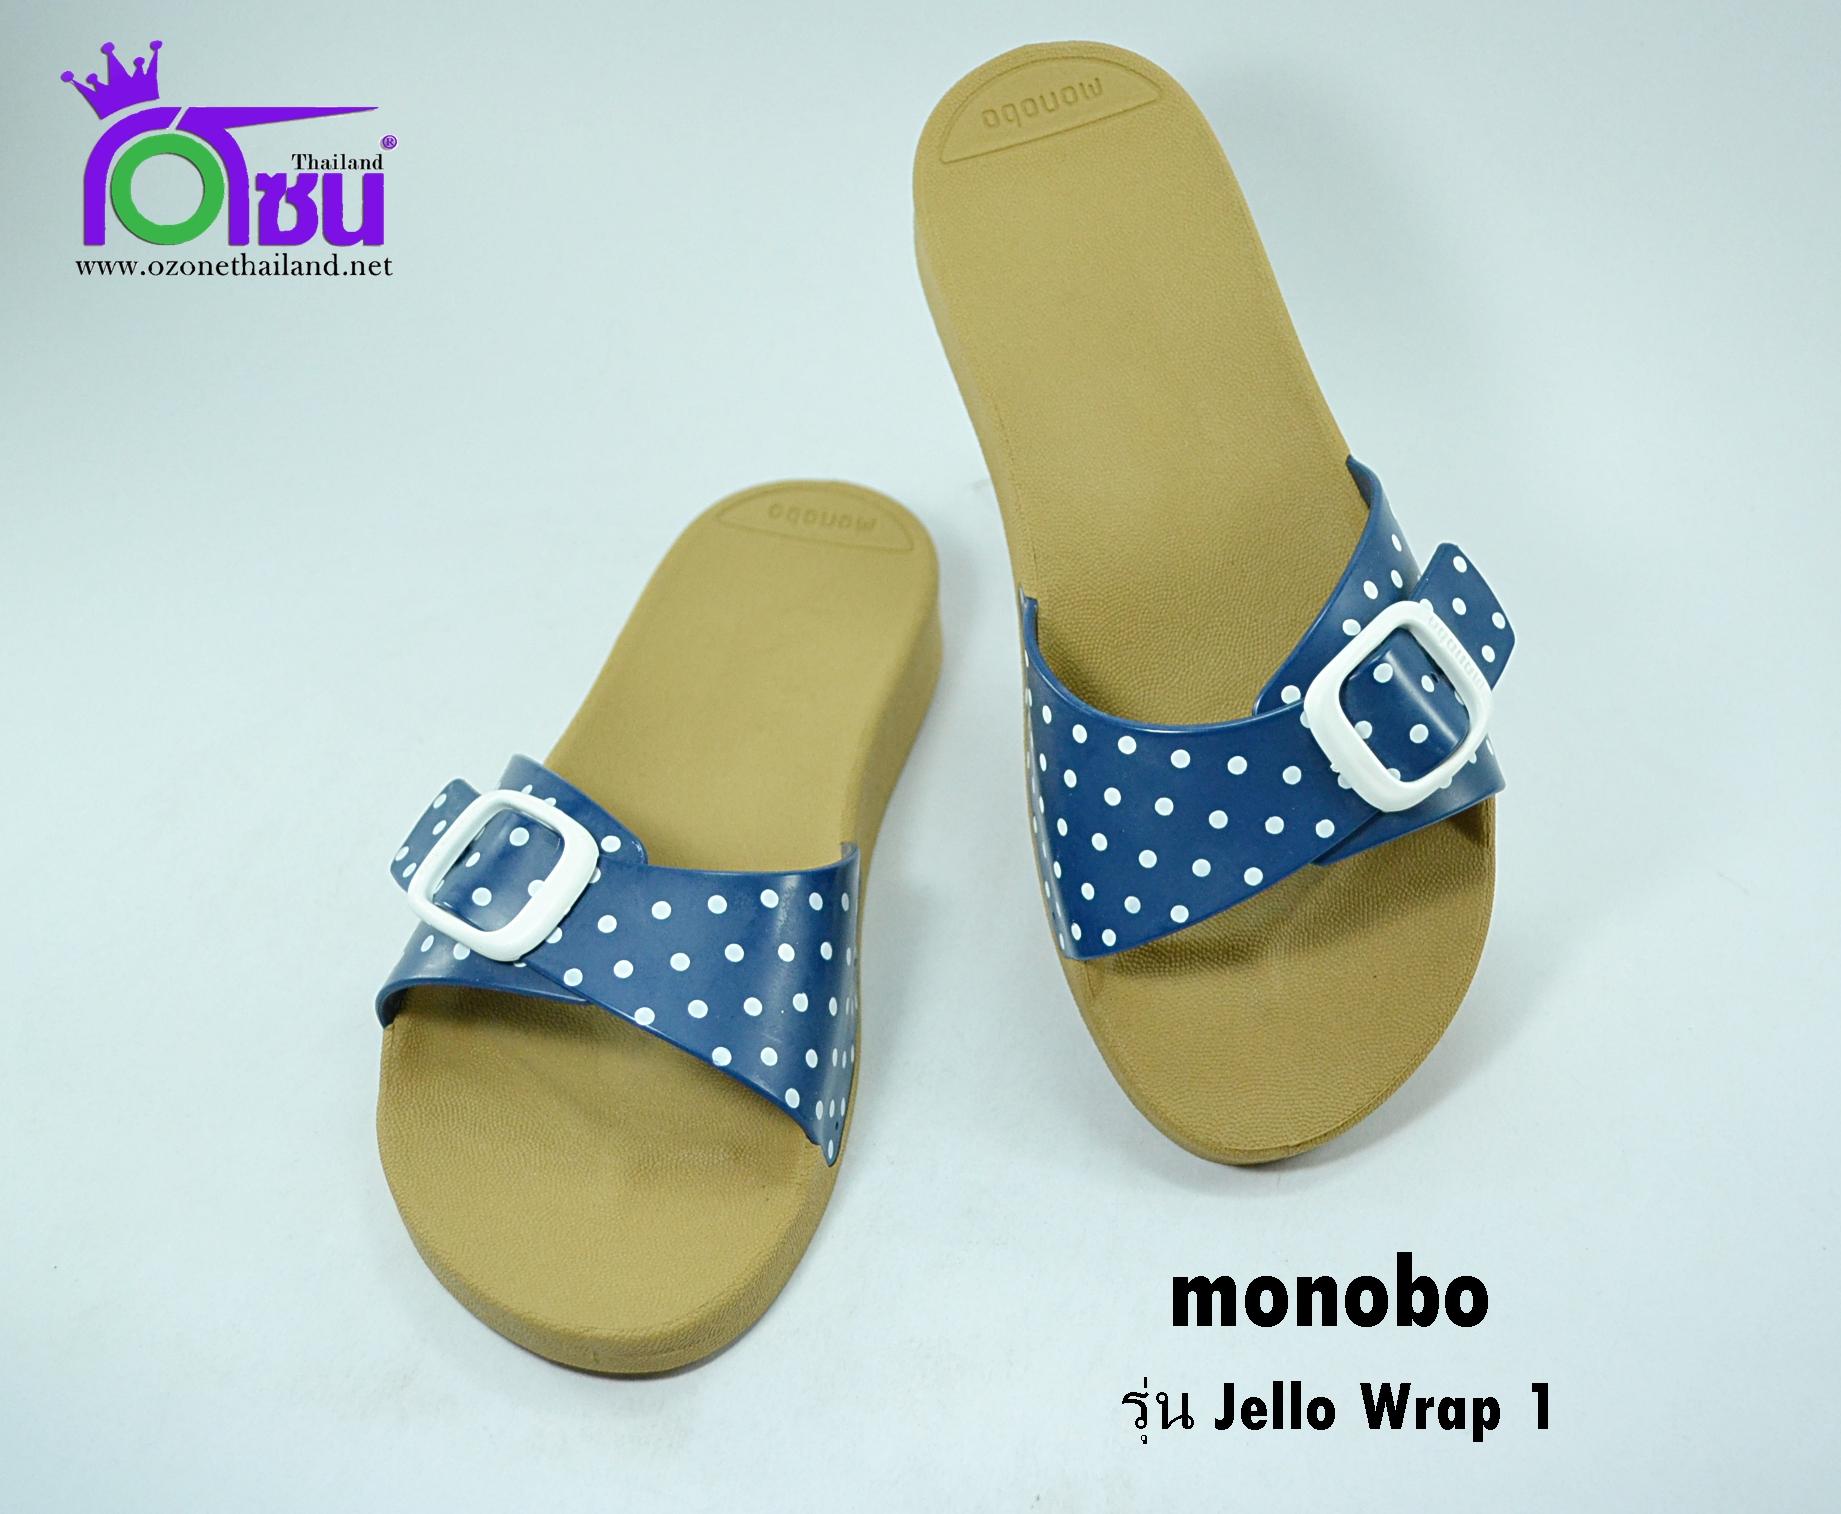 รองเท้าแตะ Monobo Jello โมโนโบ้ รุ่น Jello Wrapl 1 สวม สี กรม เบอร์ 5-8